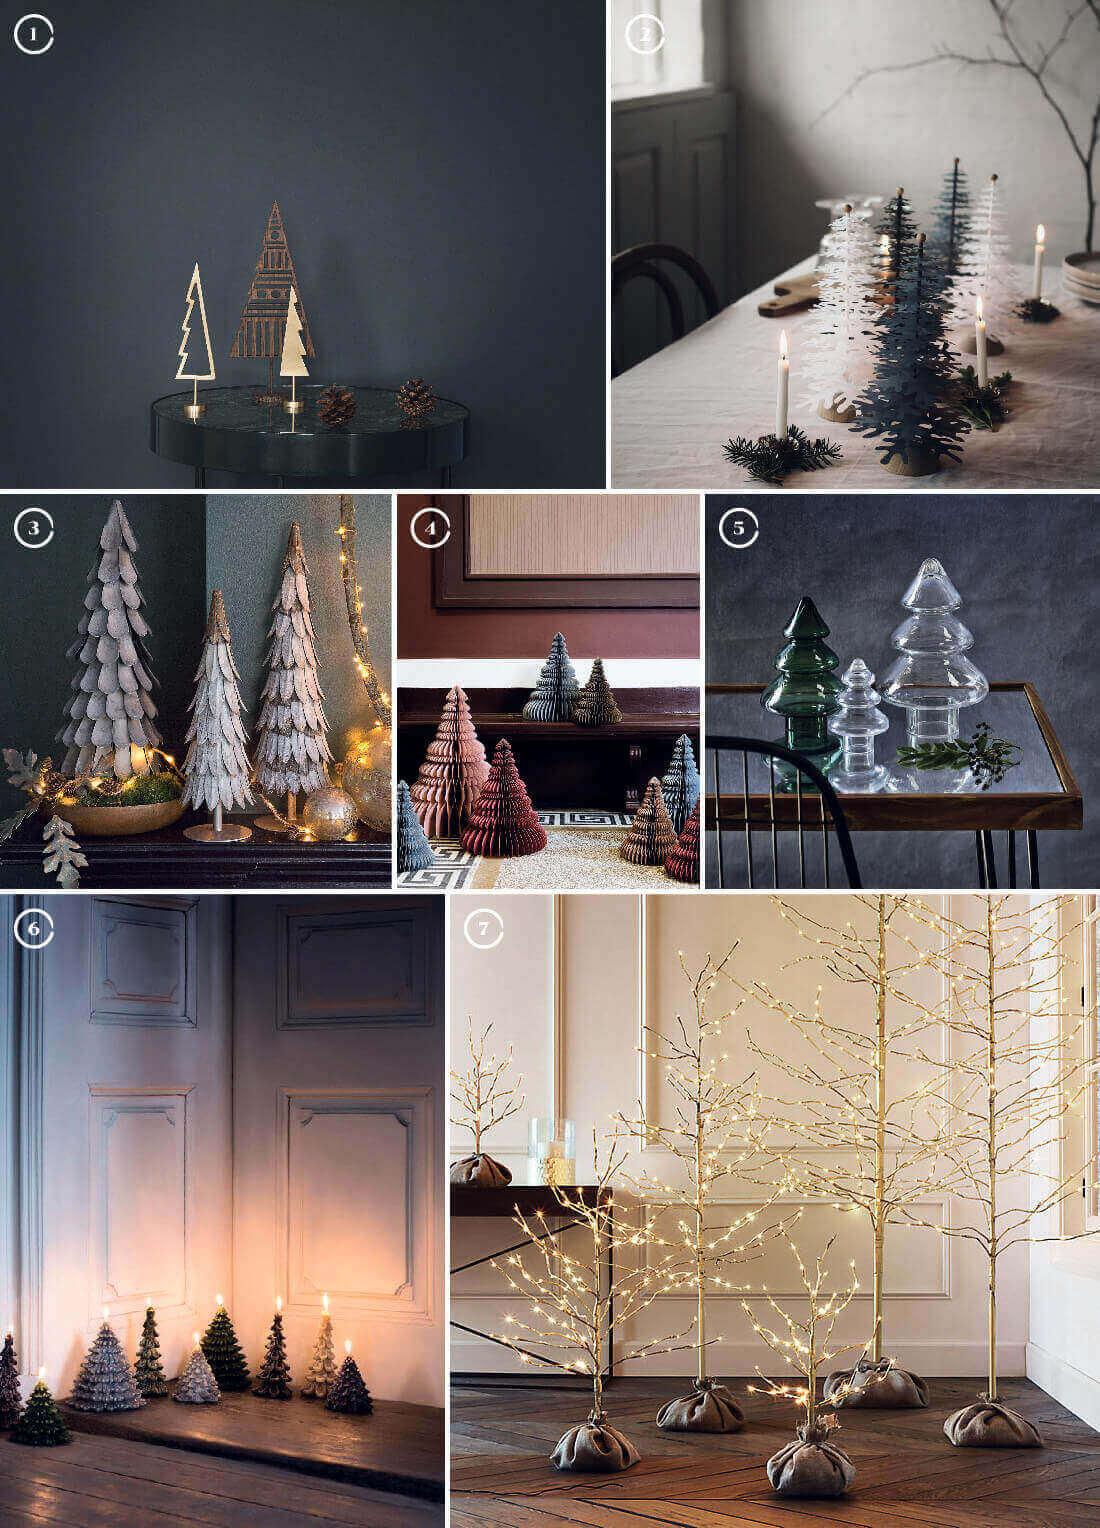 Decorazioni natalizie: alberi di natale in tante forme e materiali